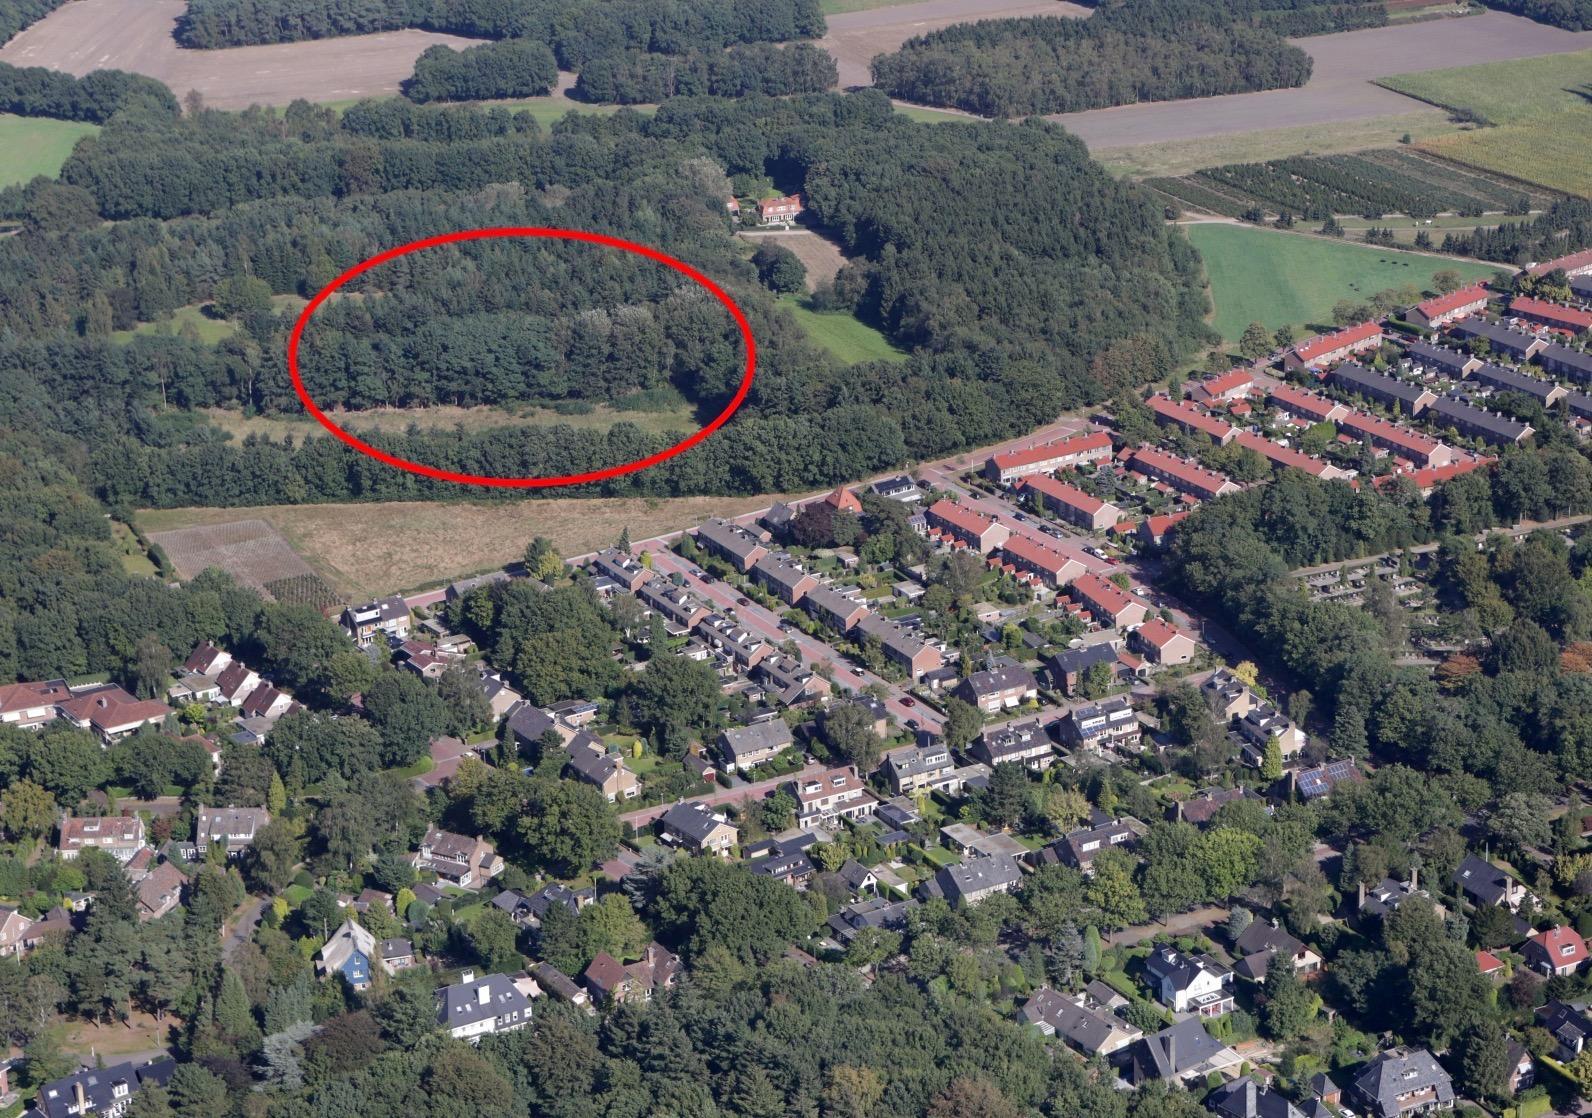 Huizer wethouder Boom typeert bouwplan Driftweg als 'ongepast op deze locatie'; veel vragen rond 'torenflat' in GNR-gebied vlakbij 't Hooge Nest [UPDATE]